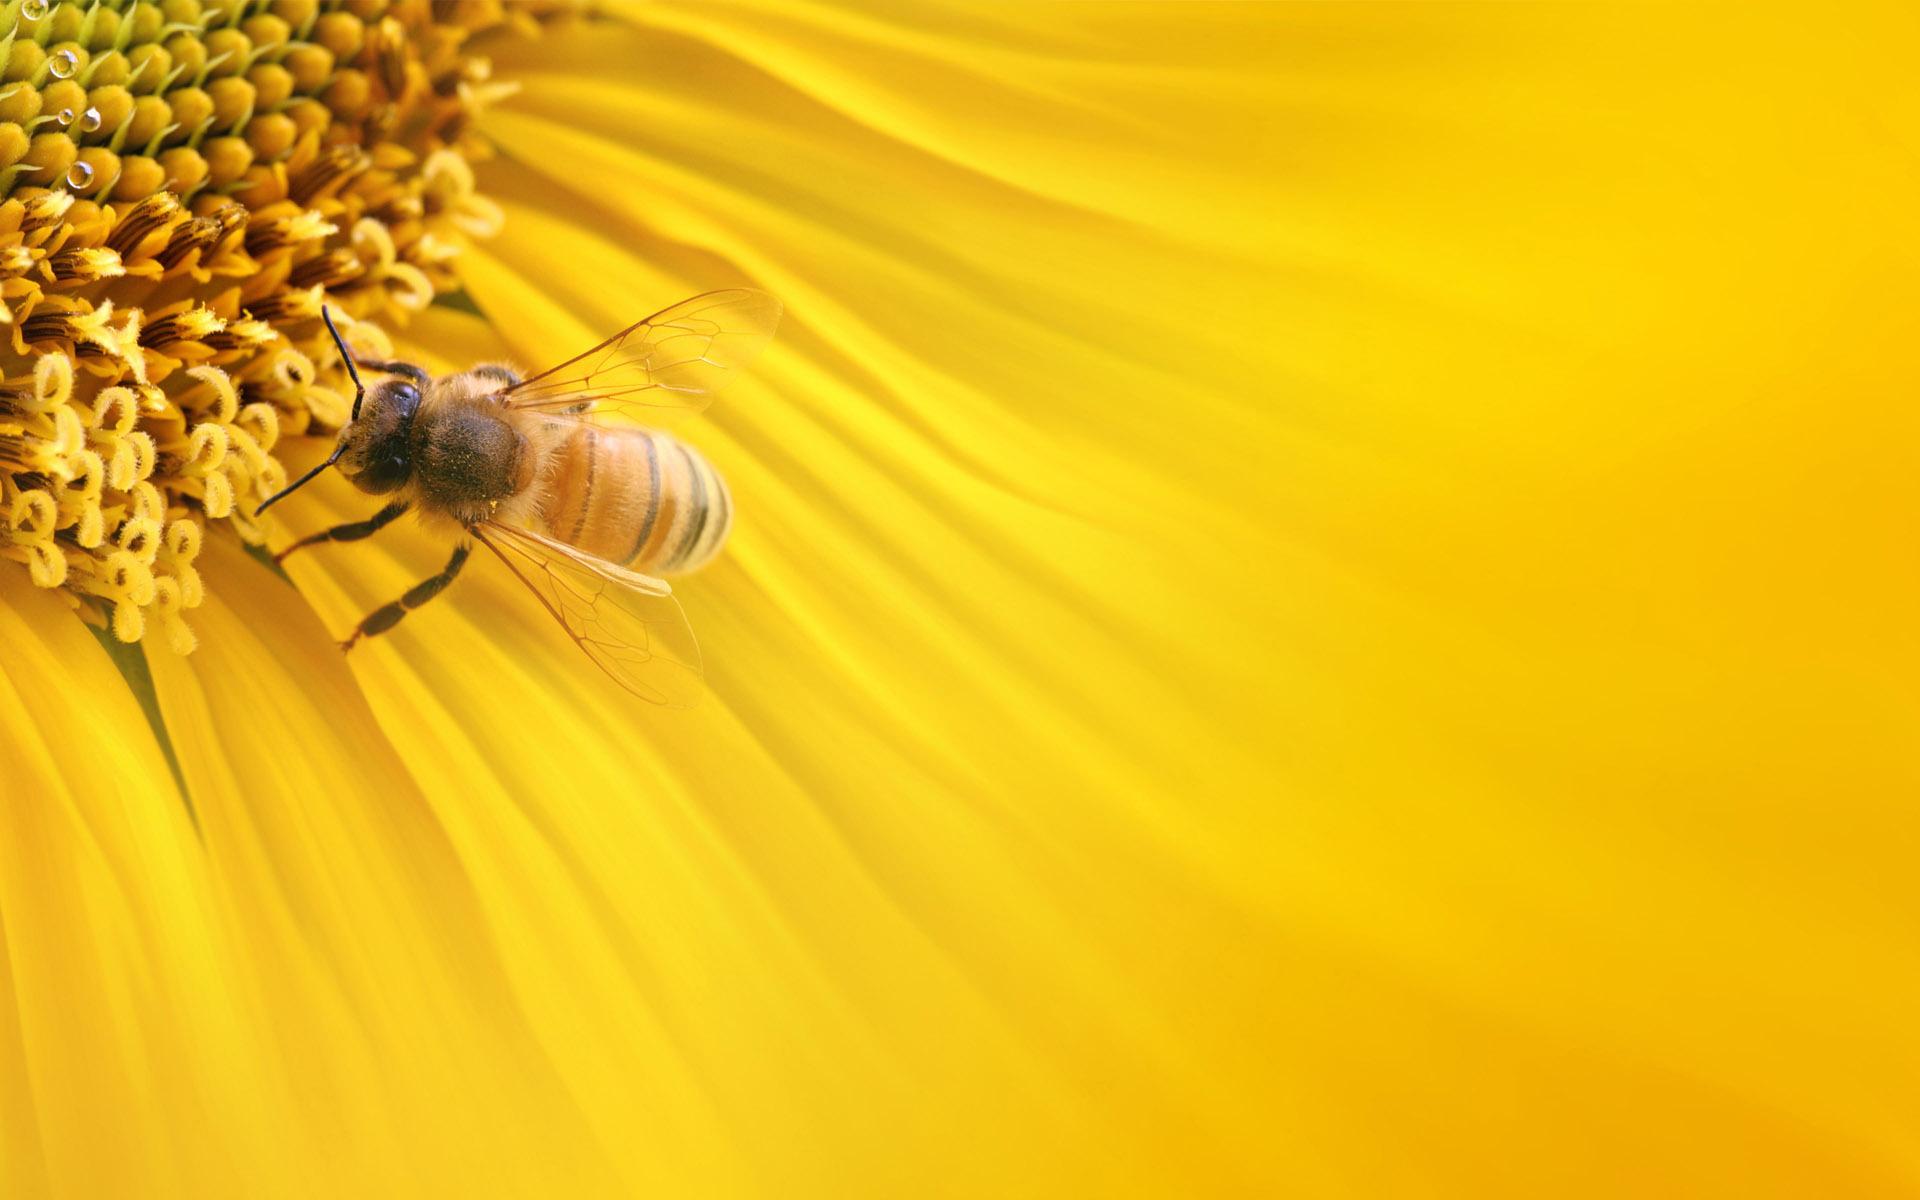 Bee on a sunflower wallpaper 6714 1920x1200